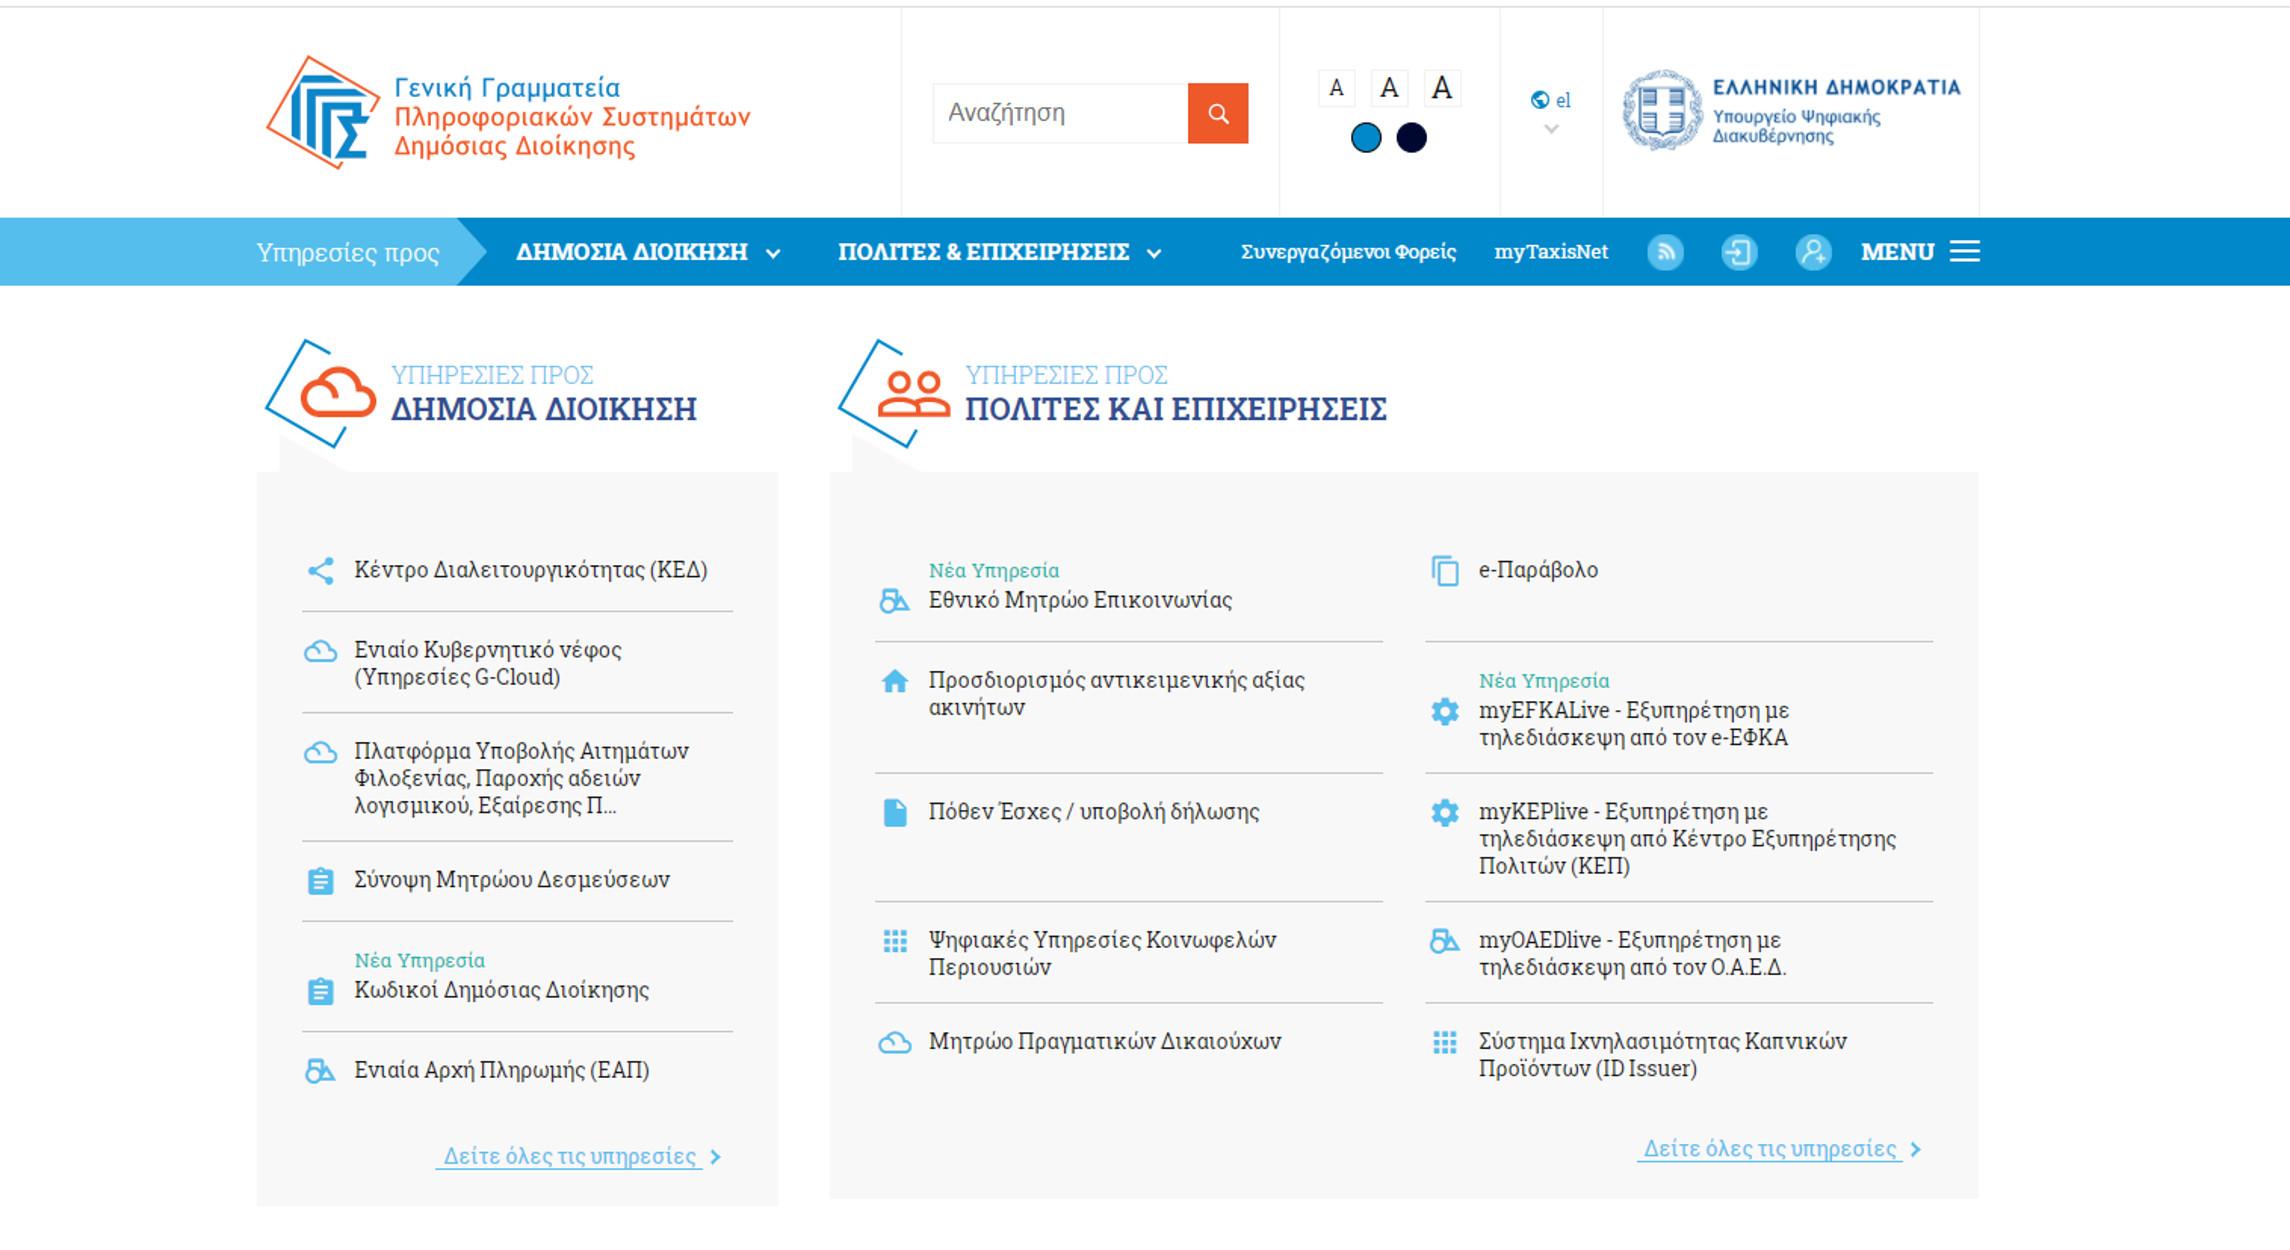 Taxisnet: Τι ισχύει για το ηλεκτρονικό παράβολο για πολίτες και επιχειρήσεις